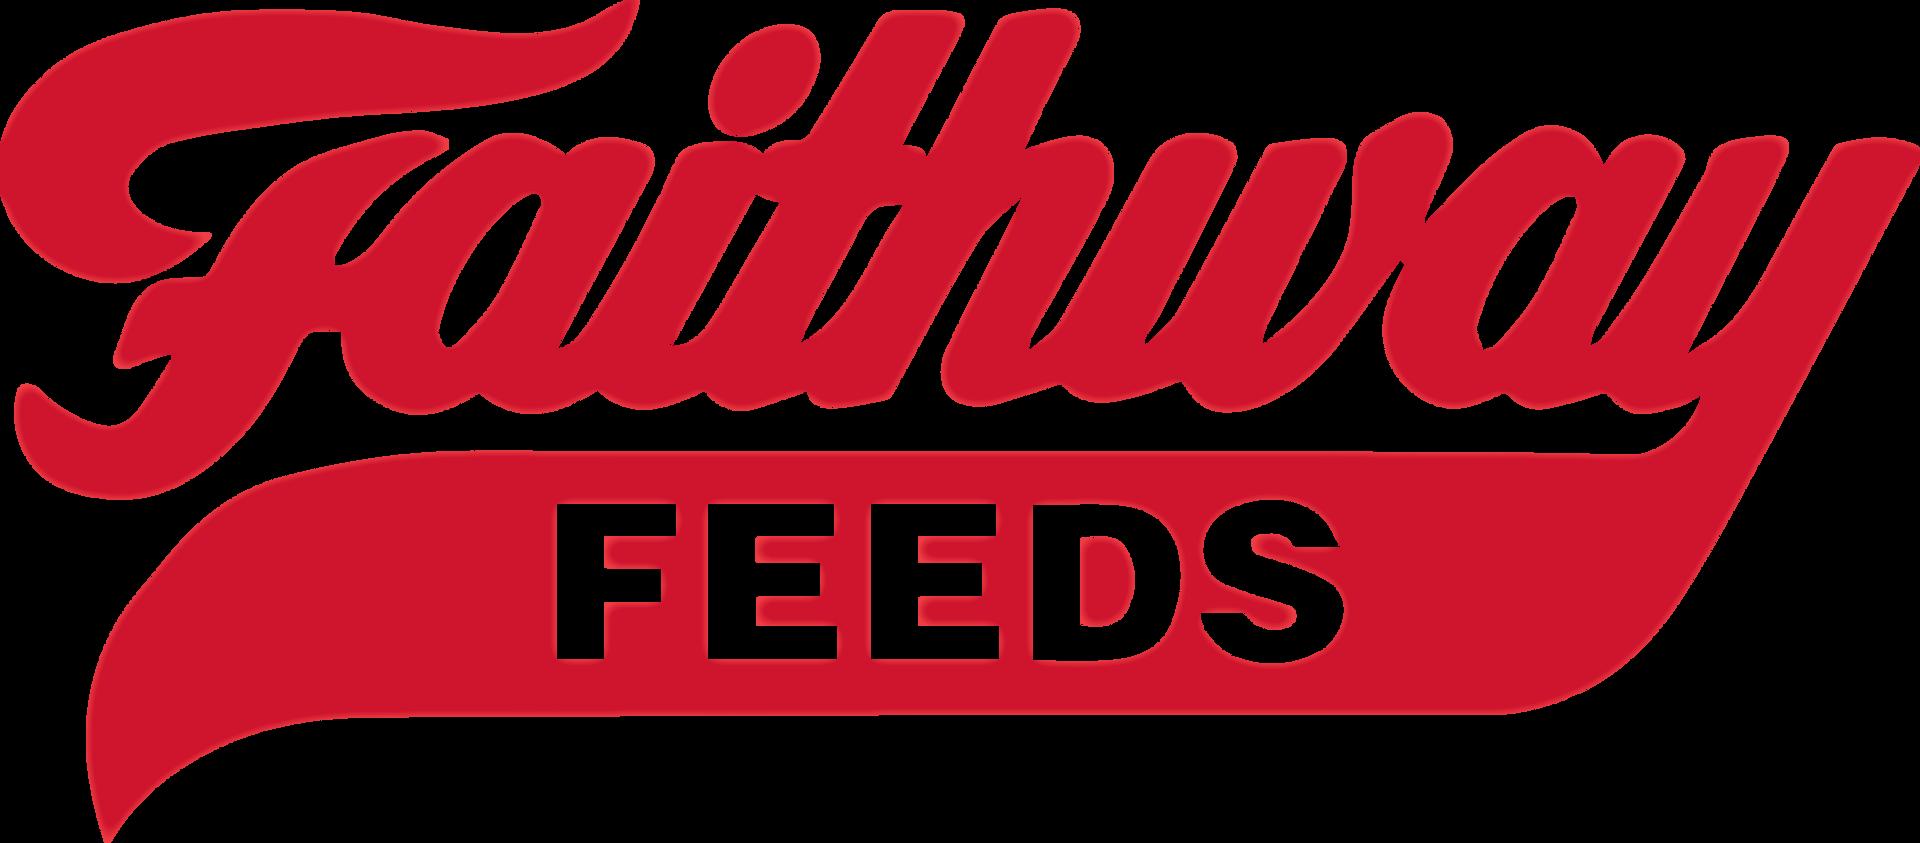 FAITHWAY FEEDS